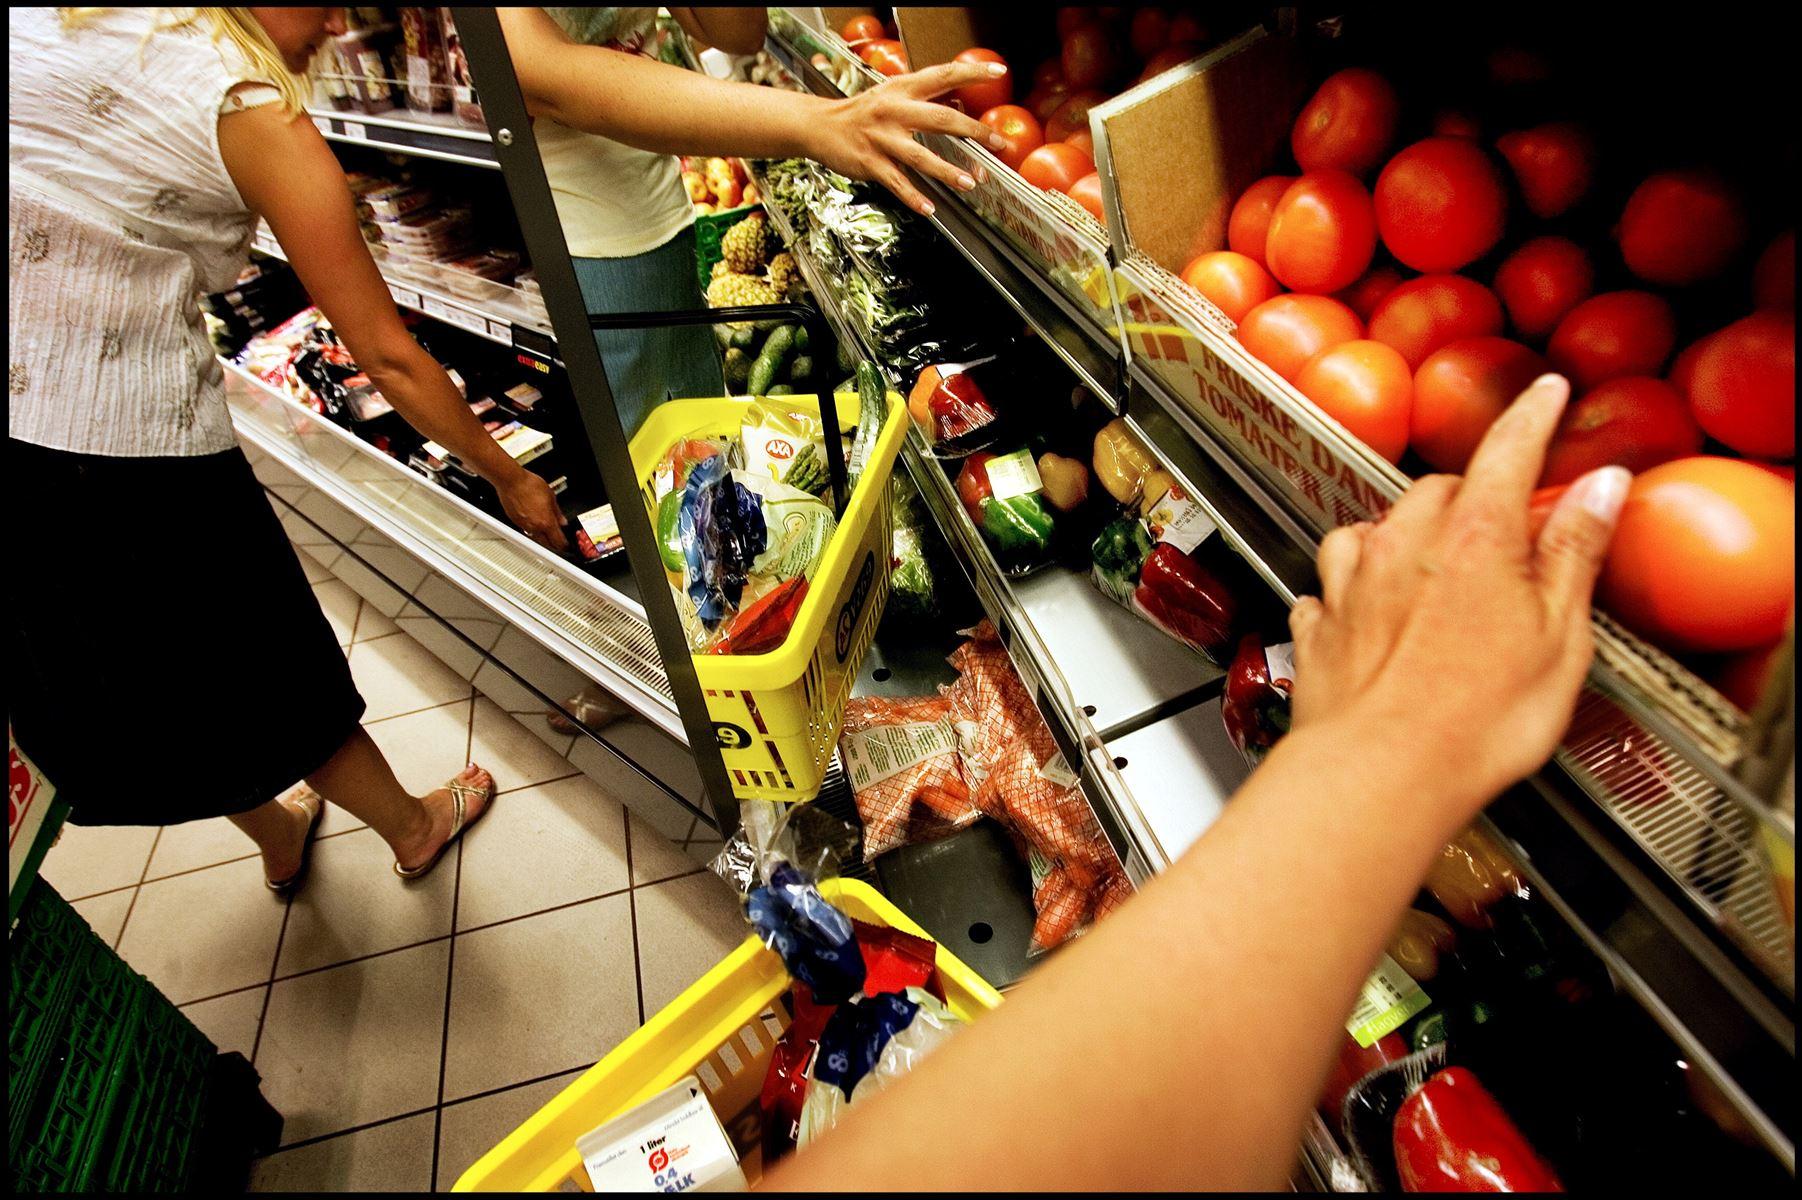 Tal fra Danmarks Statistik viser, at forbrugertilliden ligger på et uændret, men højt niveau.